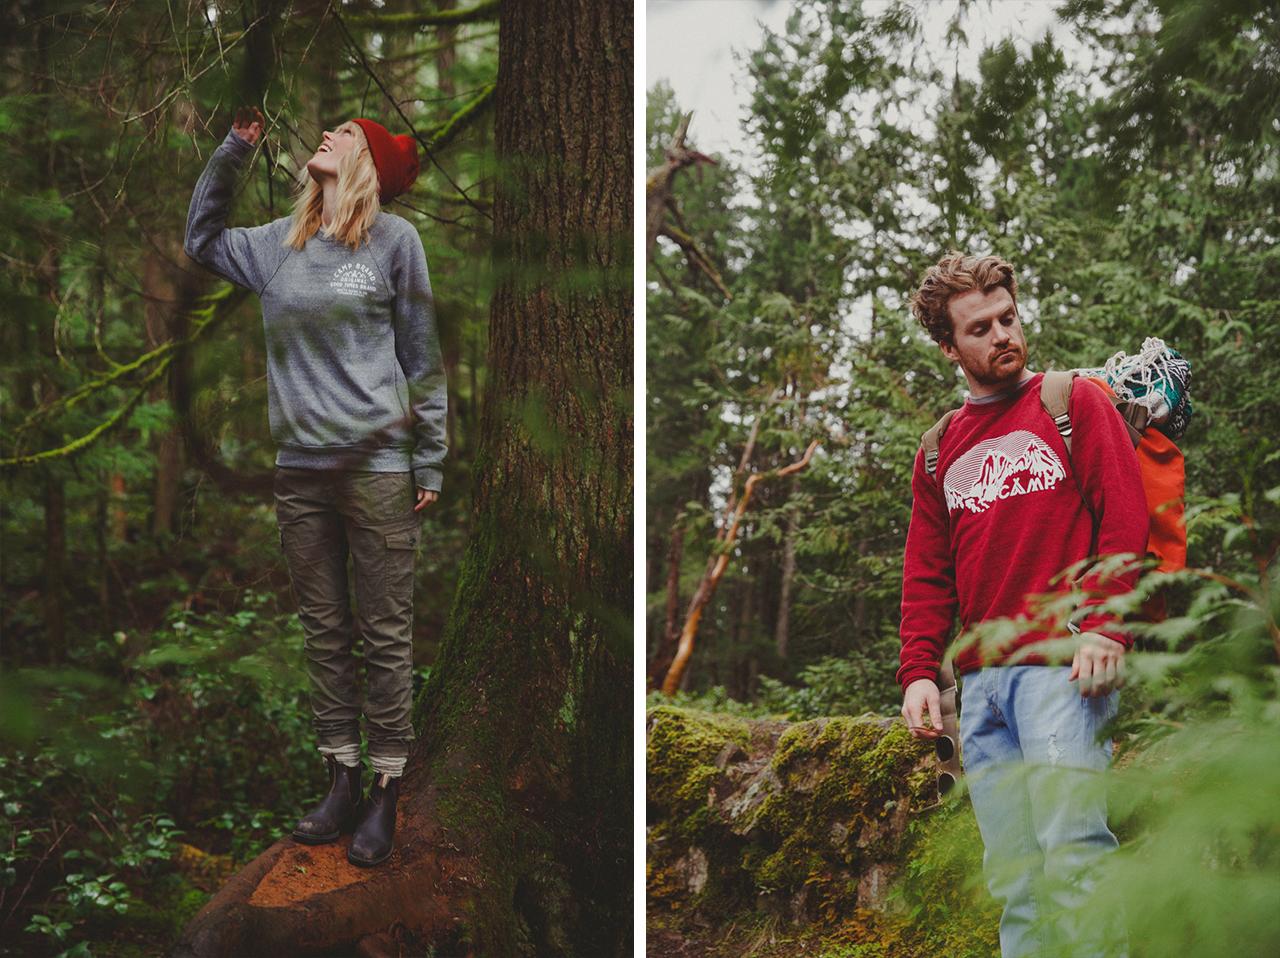 v-campbrandgoods-lifestyle-photographer-mikeseehagel-01